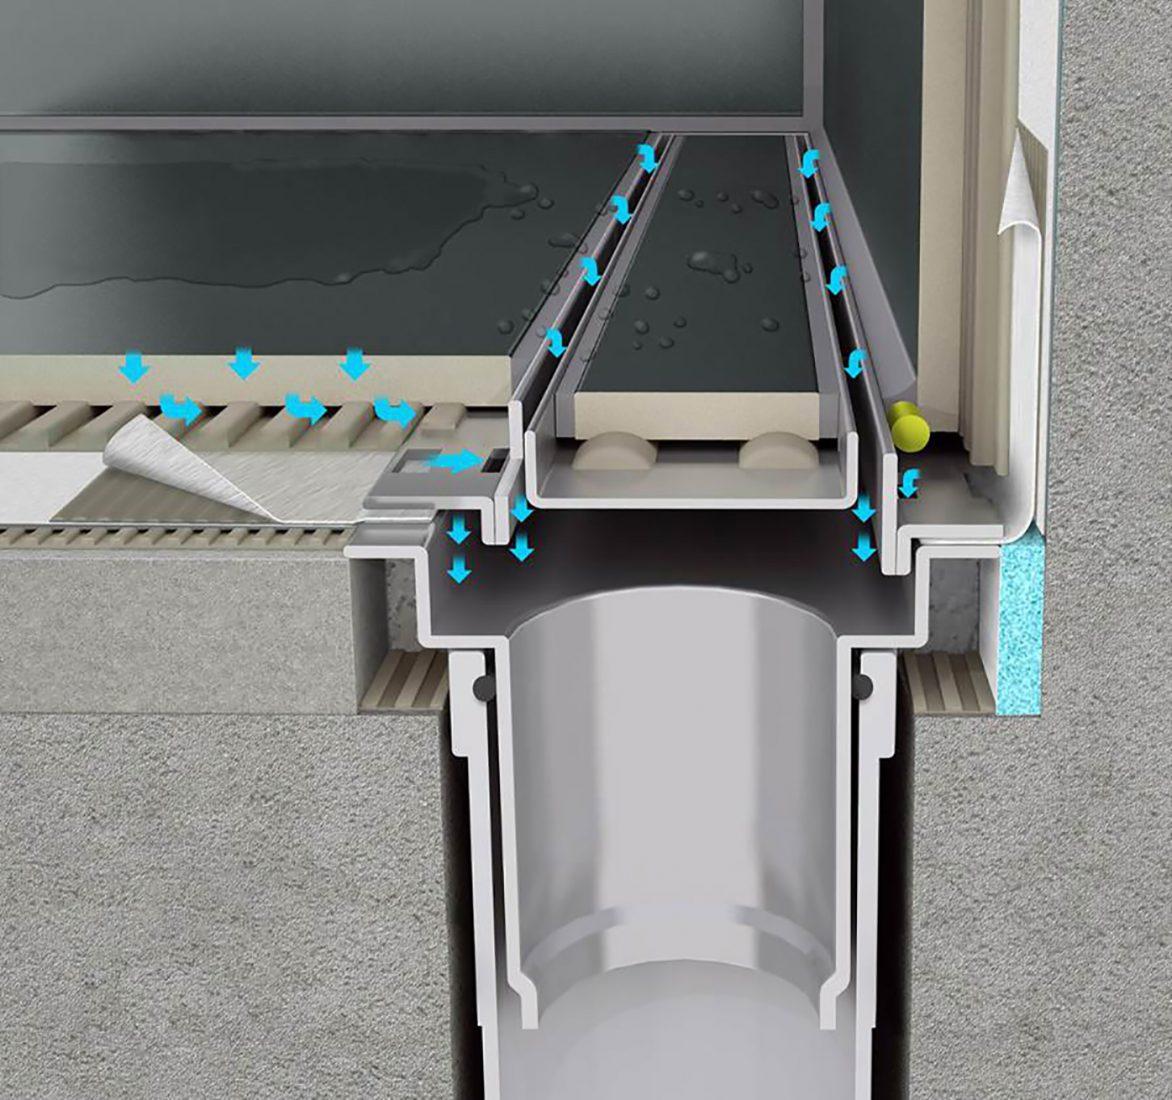 Duschrinnen ermöglichen einen flachen Bodenaufbau – der darunterliegende Rohranschluss kann aber auch vertikal durch die Decke verlaufen. Grafik: Gutjahr